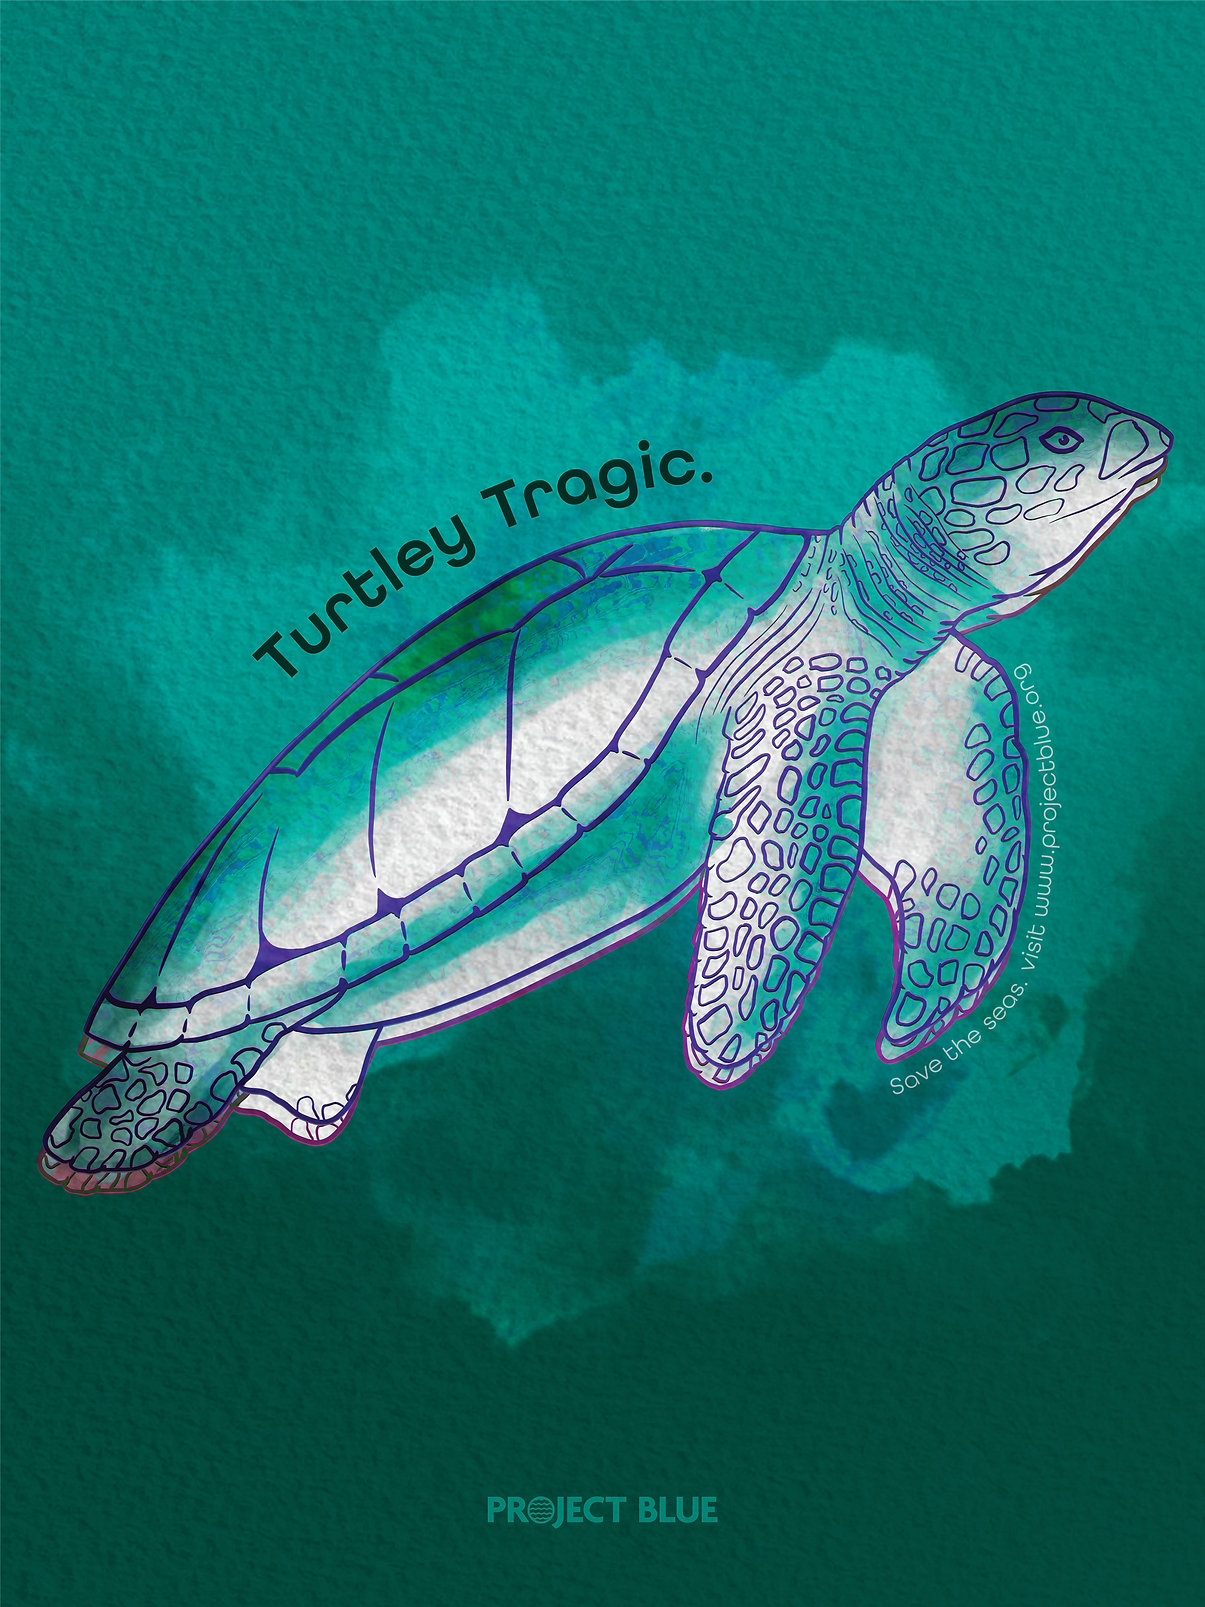 turtley tragic